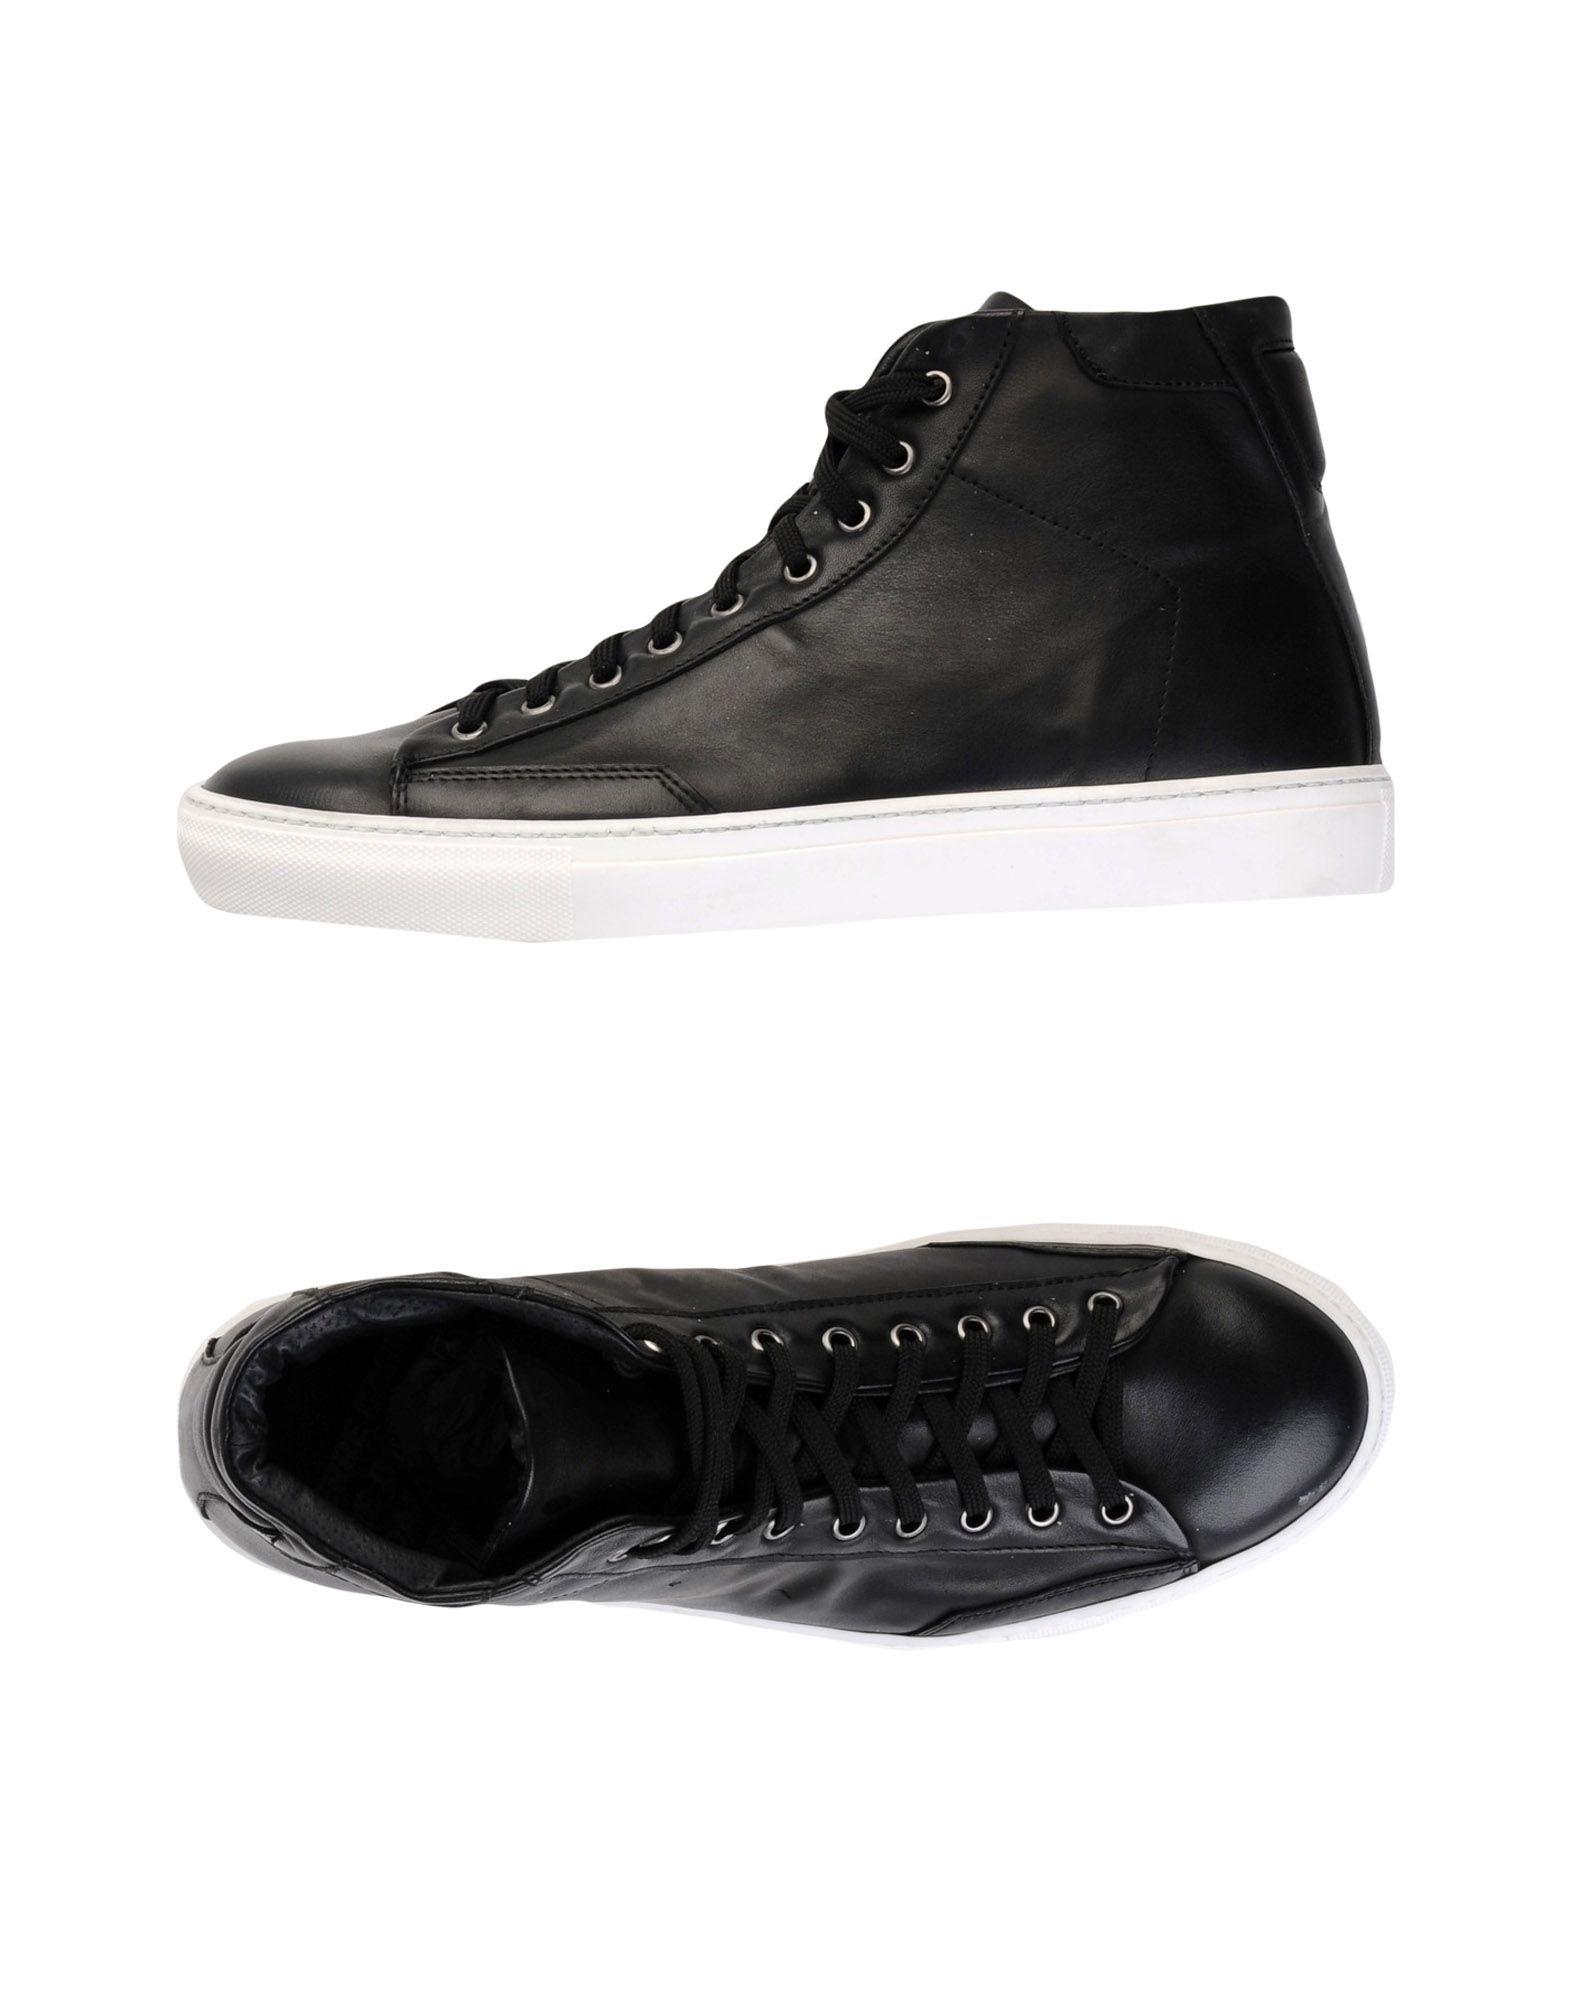 Rabatt Sneakers echte Schuhe Pierre Darré Sneakers Rabatt Herren  11536277QX 0a42af